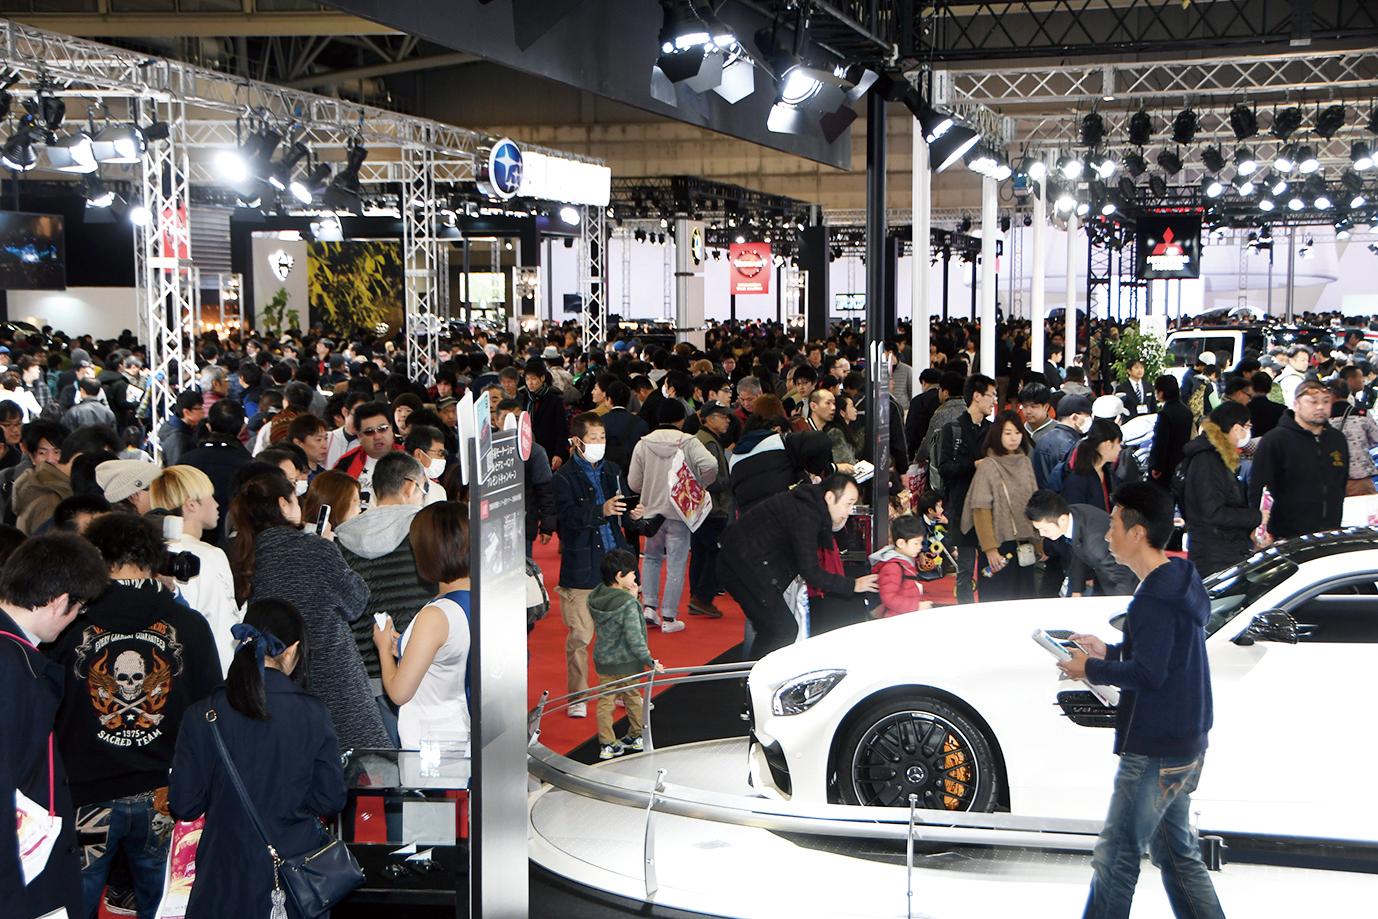 『第21回名古屋モーターショー』では、『第46回東京モーターショー2019』に出展された国内外の四輪・二輪車メーカーのコンセプトカーや最新市販車が勢揃いする